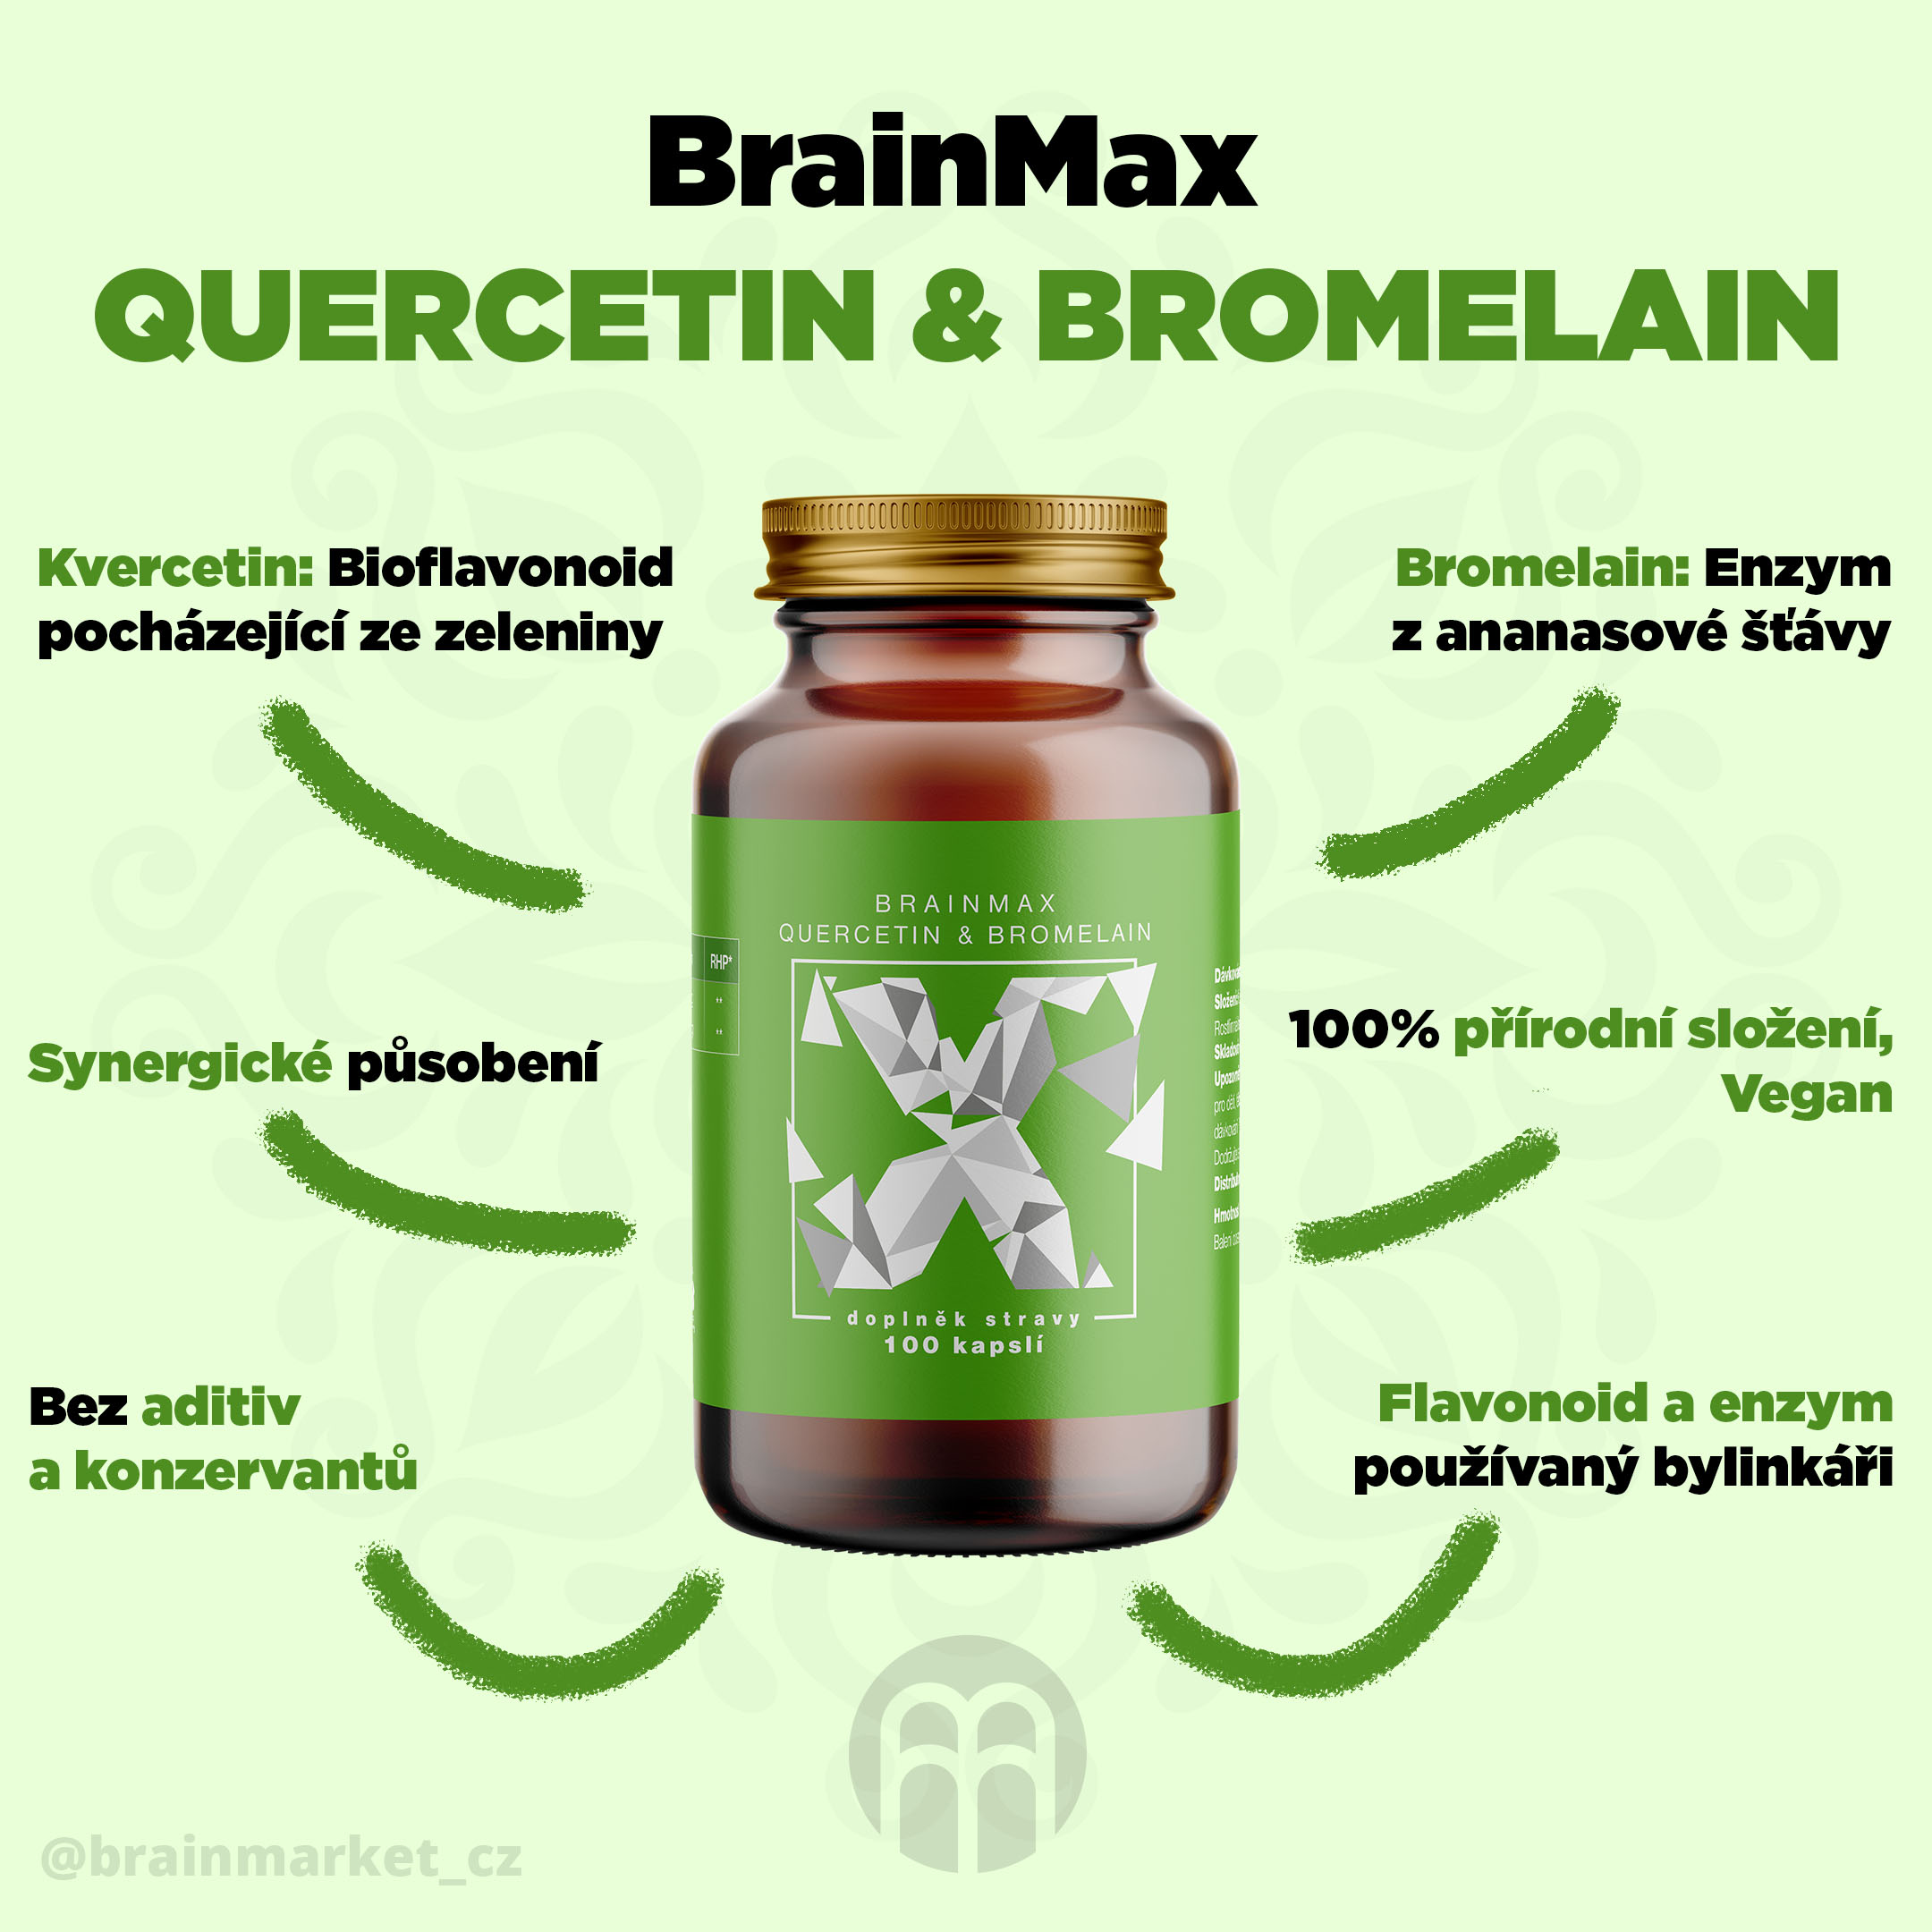 BrainMax Quercetin & Bromelain